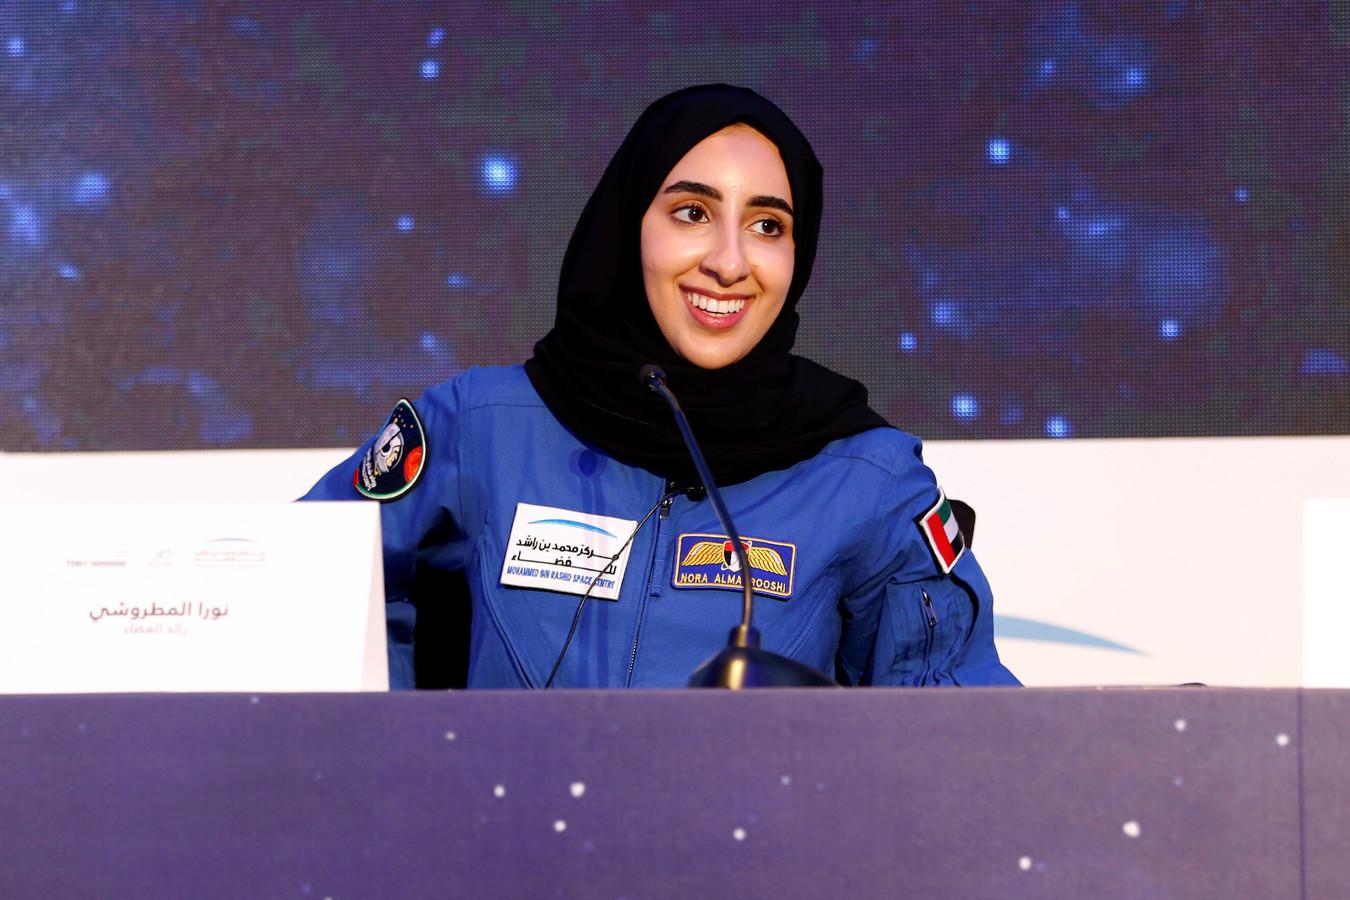 Les Émirats arabes unis ont sélectionné pour la première fois une femme pour devenir astronaute dans le cadre de son programme spatial. Il s'agit de Nora al-Matrouchi, 28 ans.